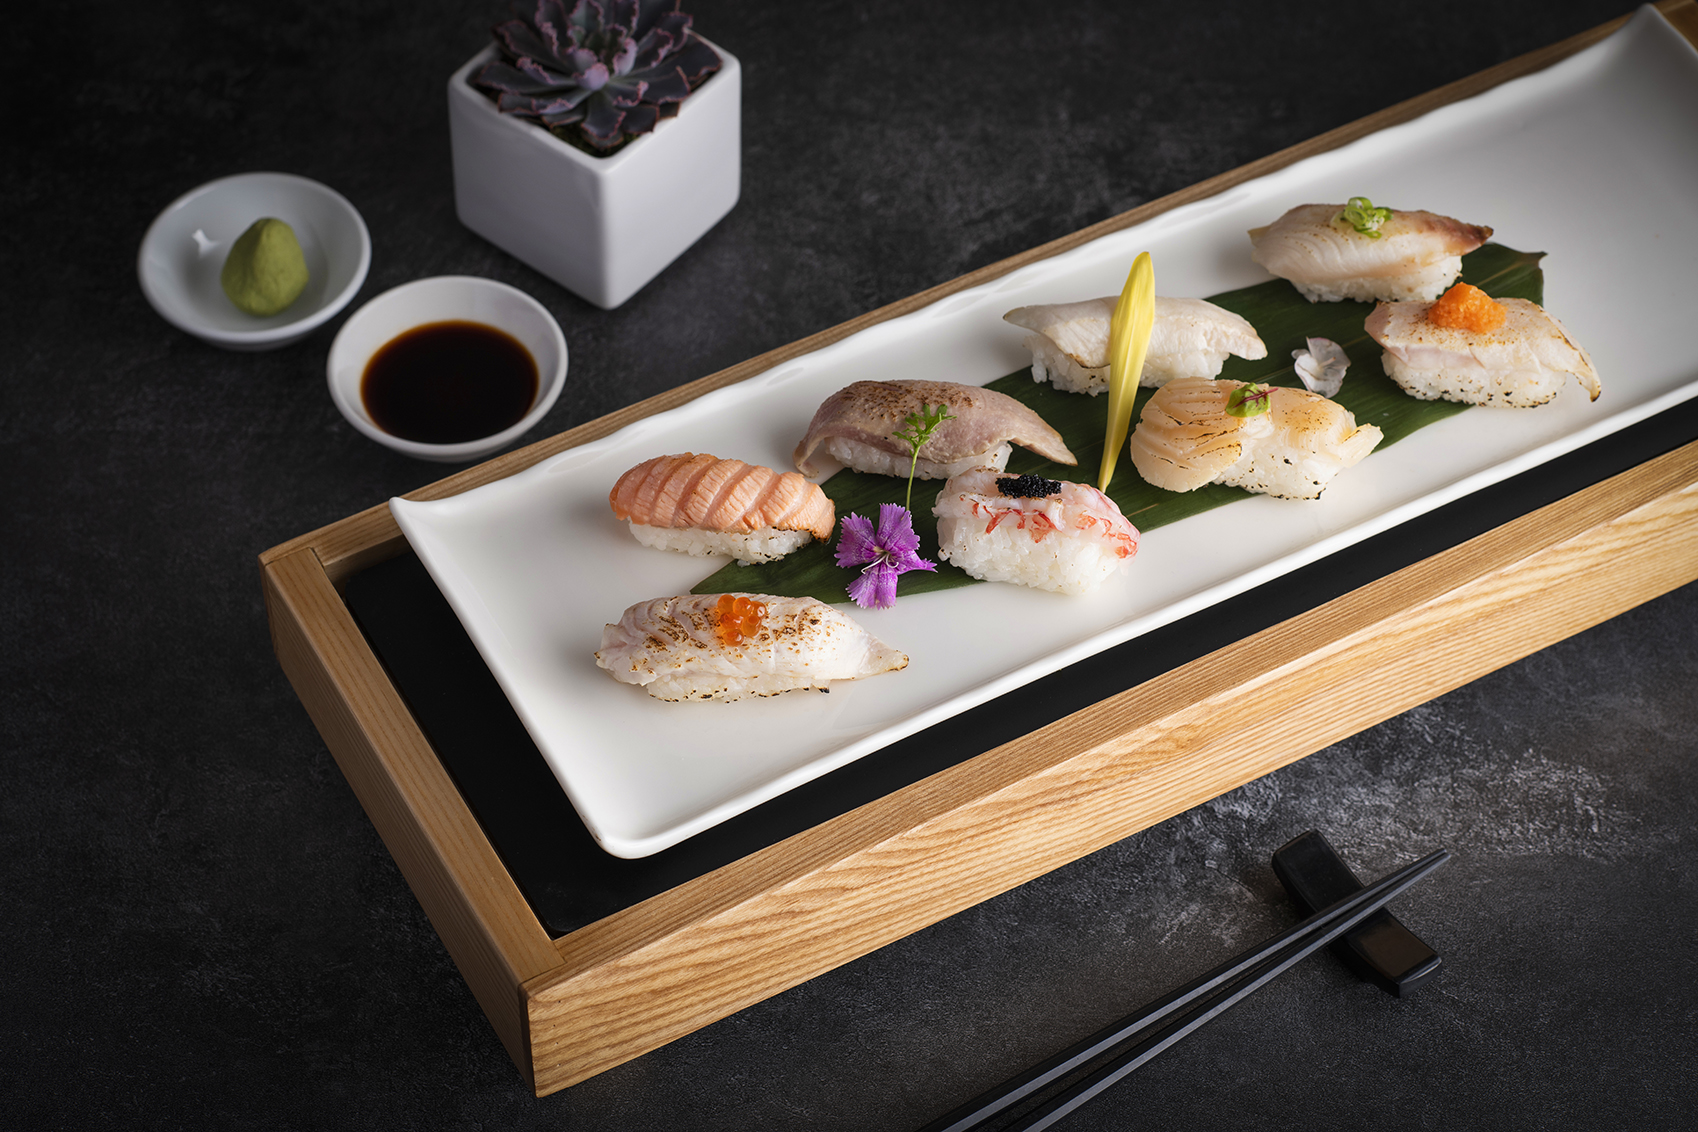 全新開幕遠東Cafe 自助餐廳 日式料理餐檯人氣美食 炙燒握壽司